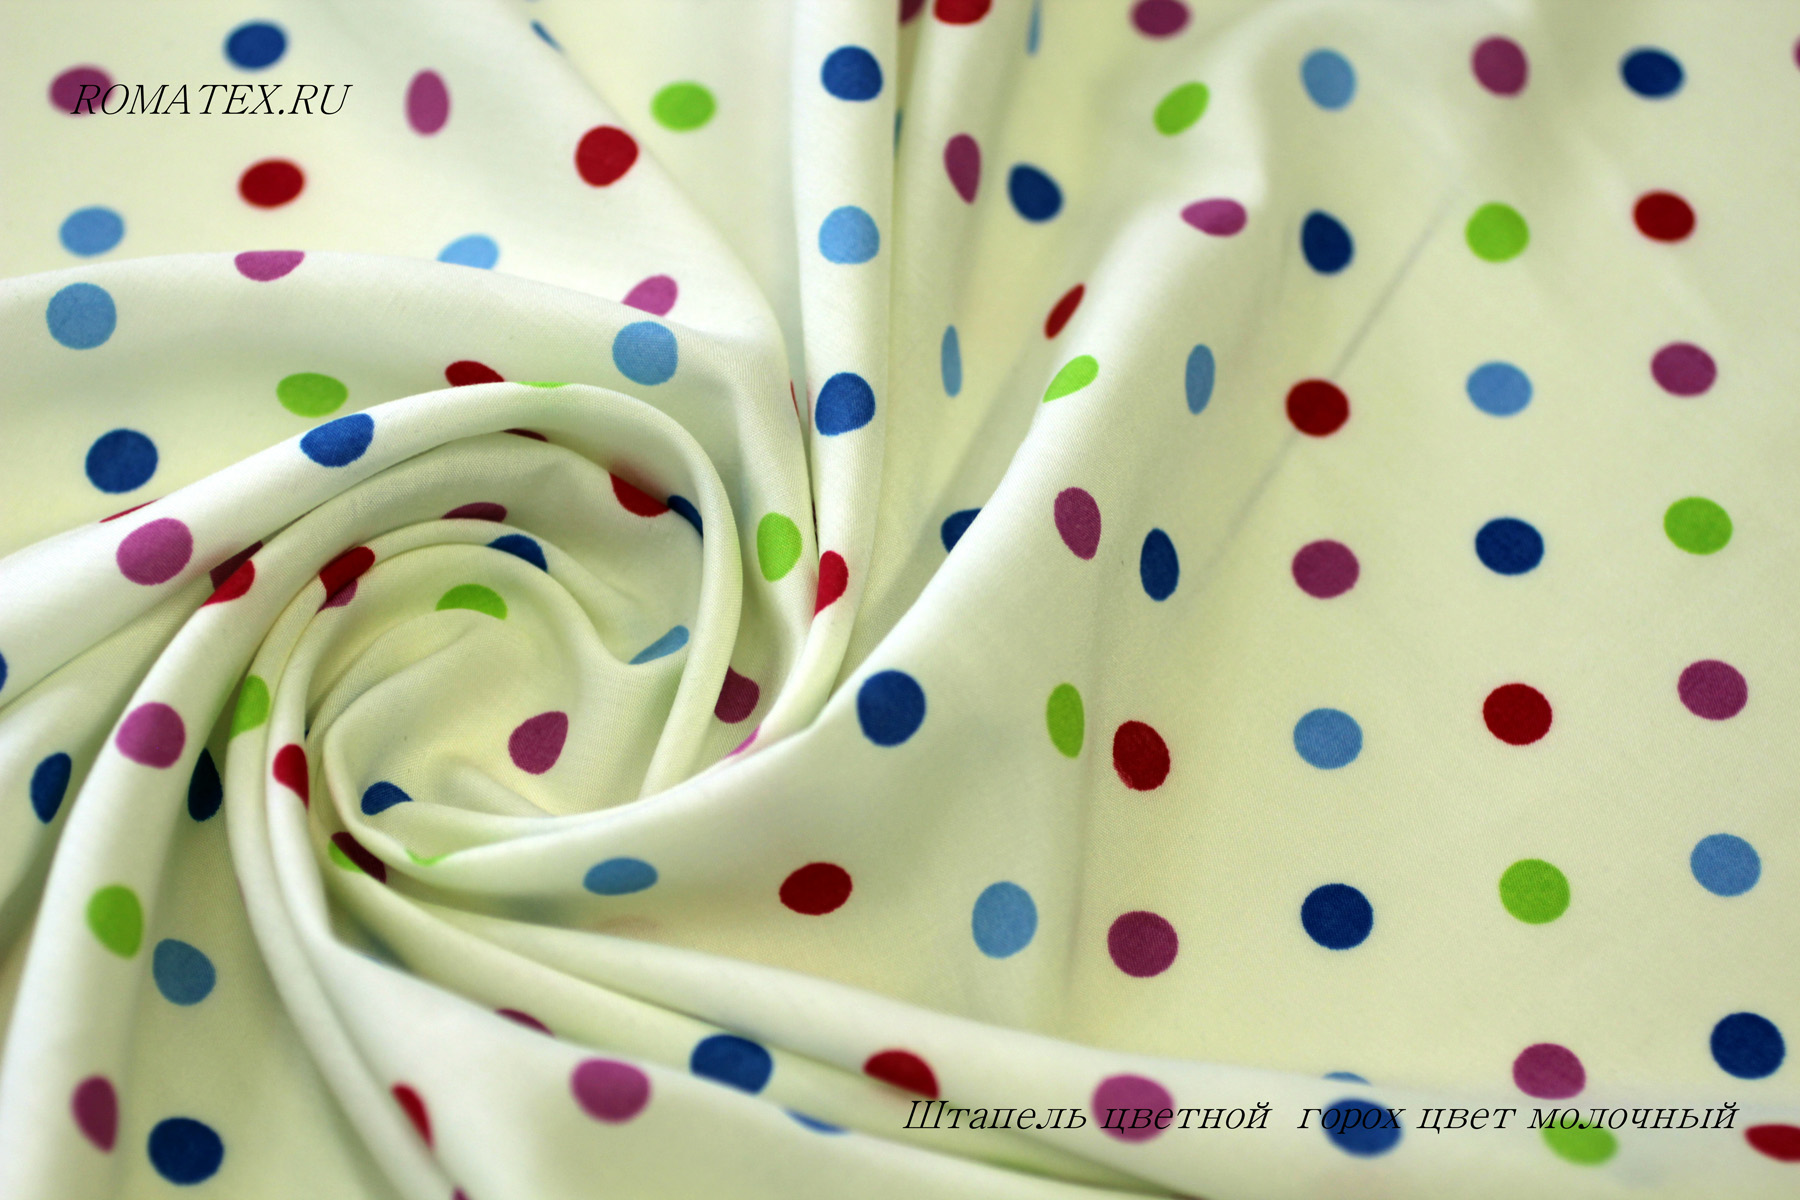 Штапель цветной горох цвет молочный